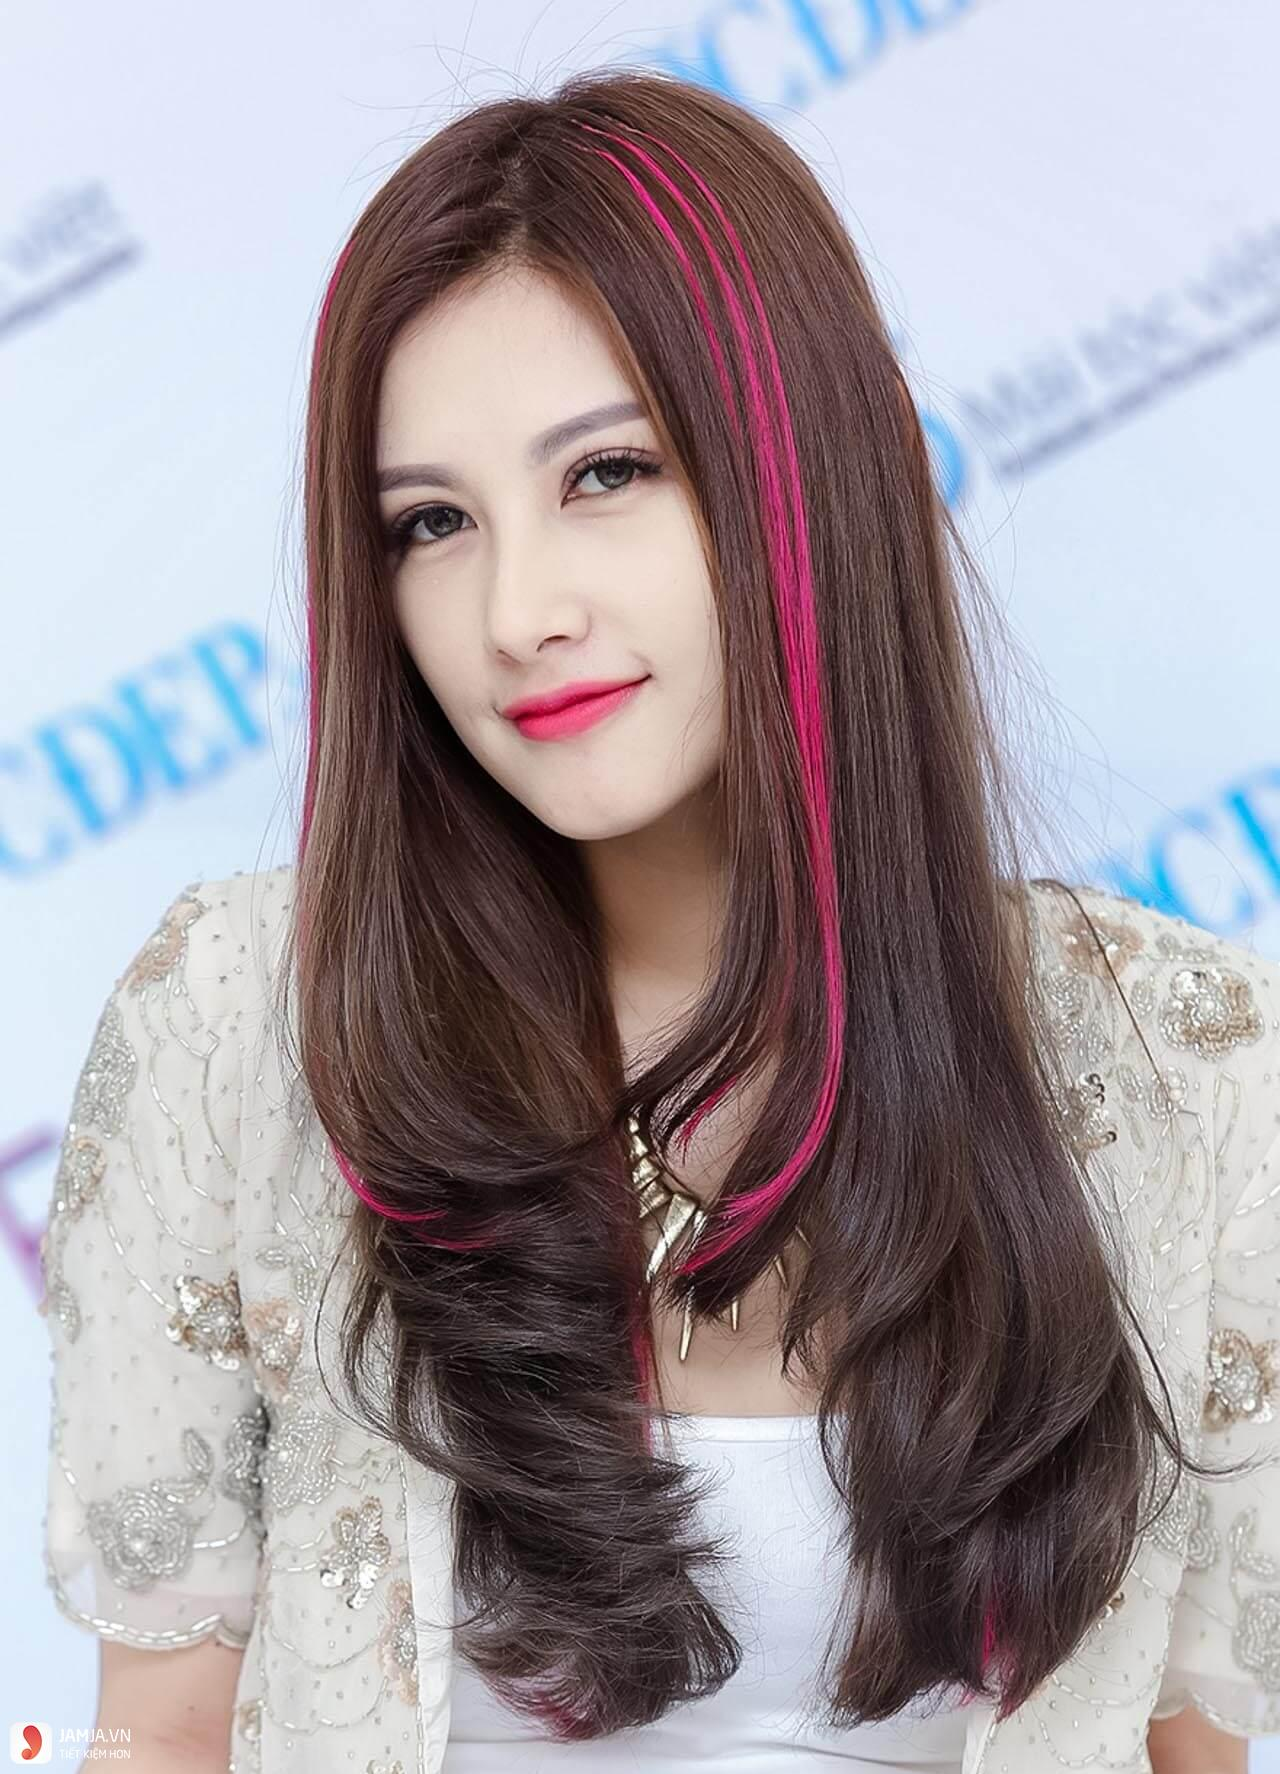 Kiểu tóc móc lai hồng cho nữ